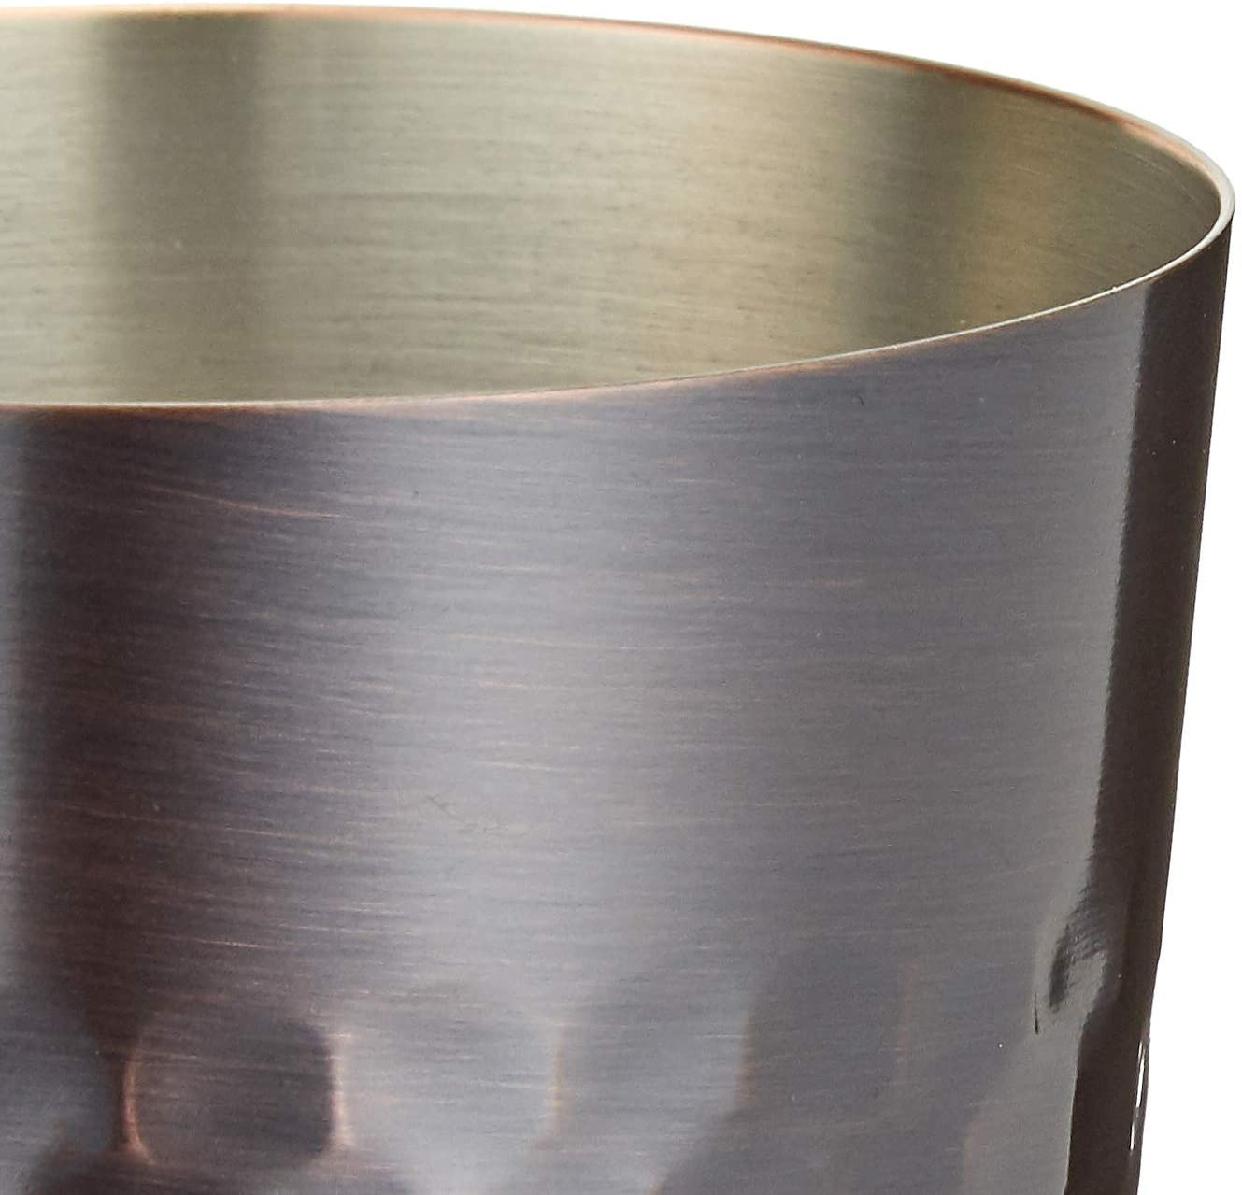 旭電機化成(アサヒデンキカセイ) クールカップの商品画像2